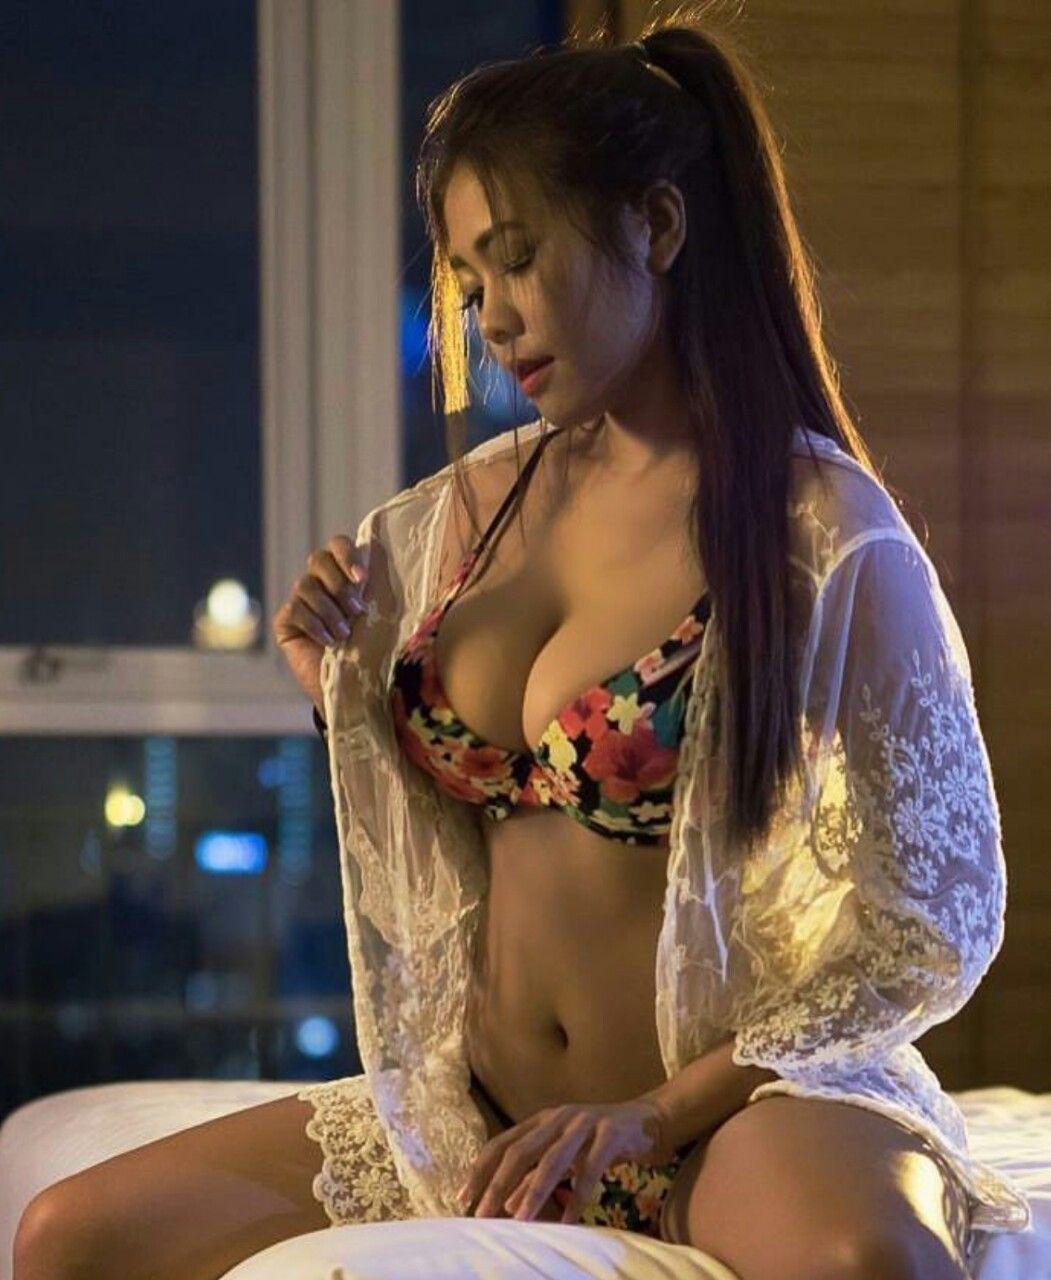 Www asian sensations com